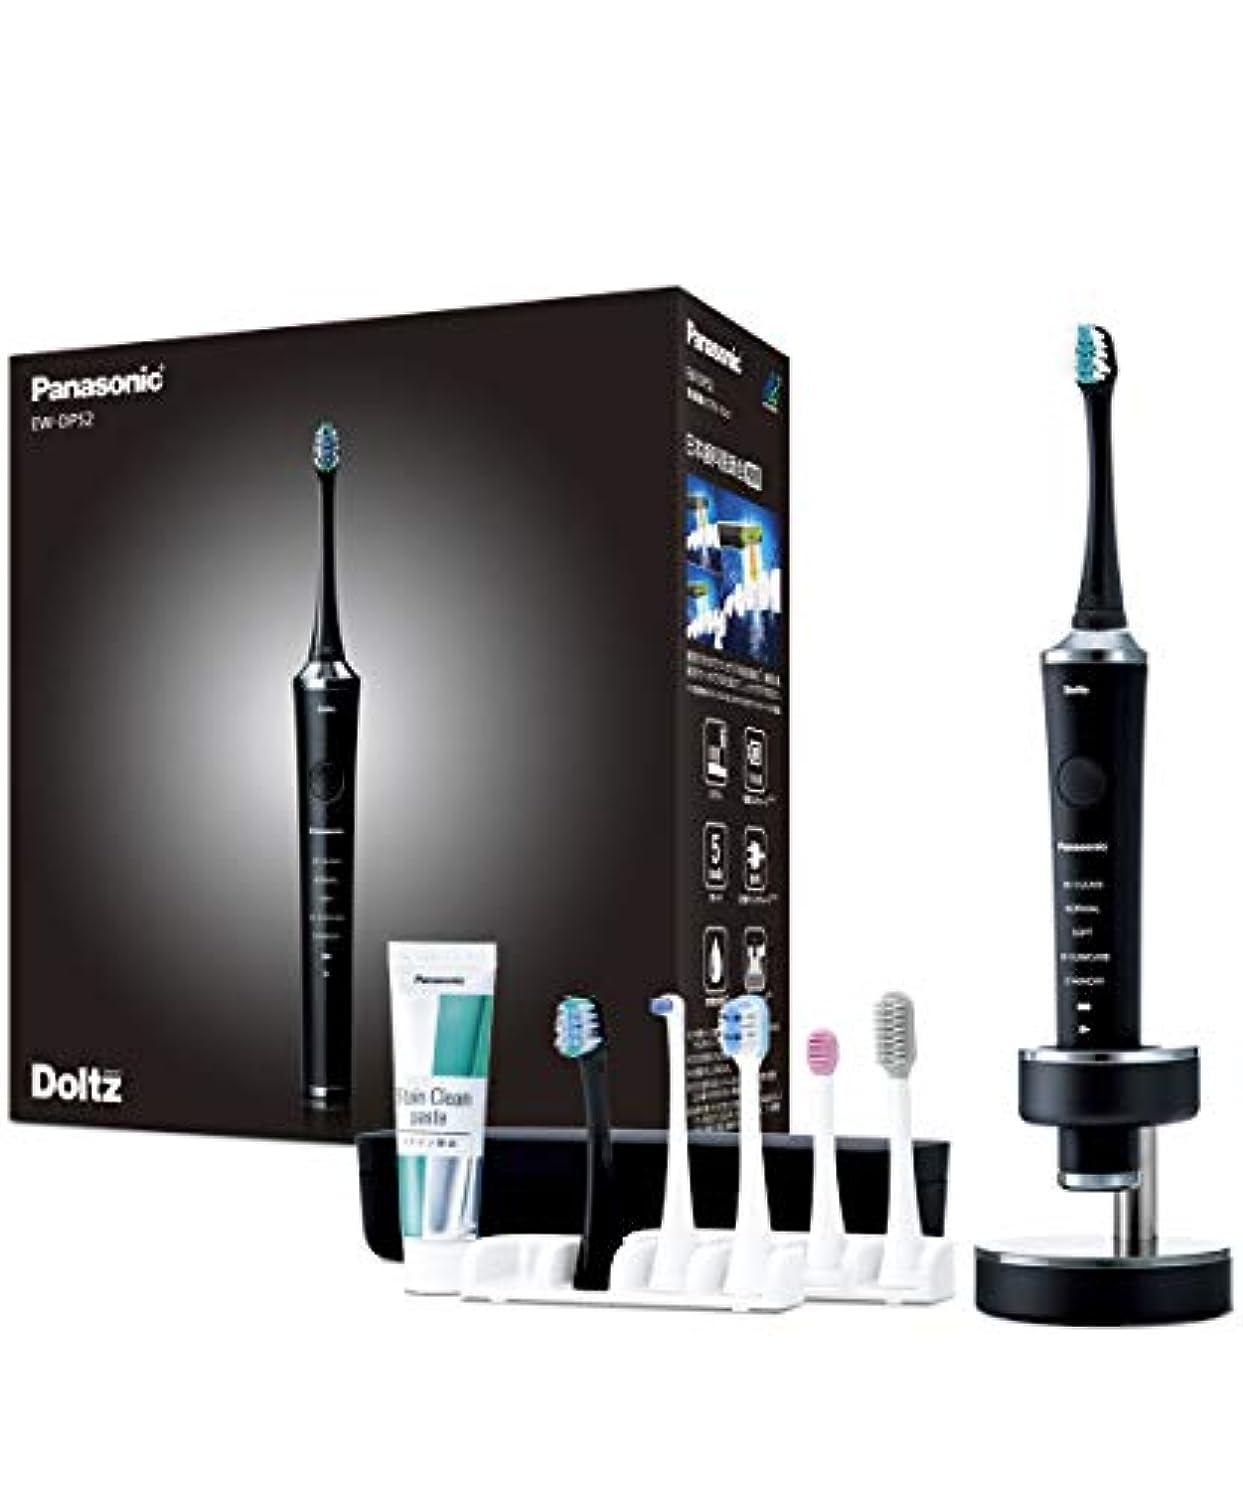 リブ奨励します大気パナソニック 電動歯ブラシ ドルツ 黒 EW-DP52-K